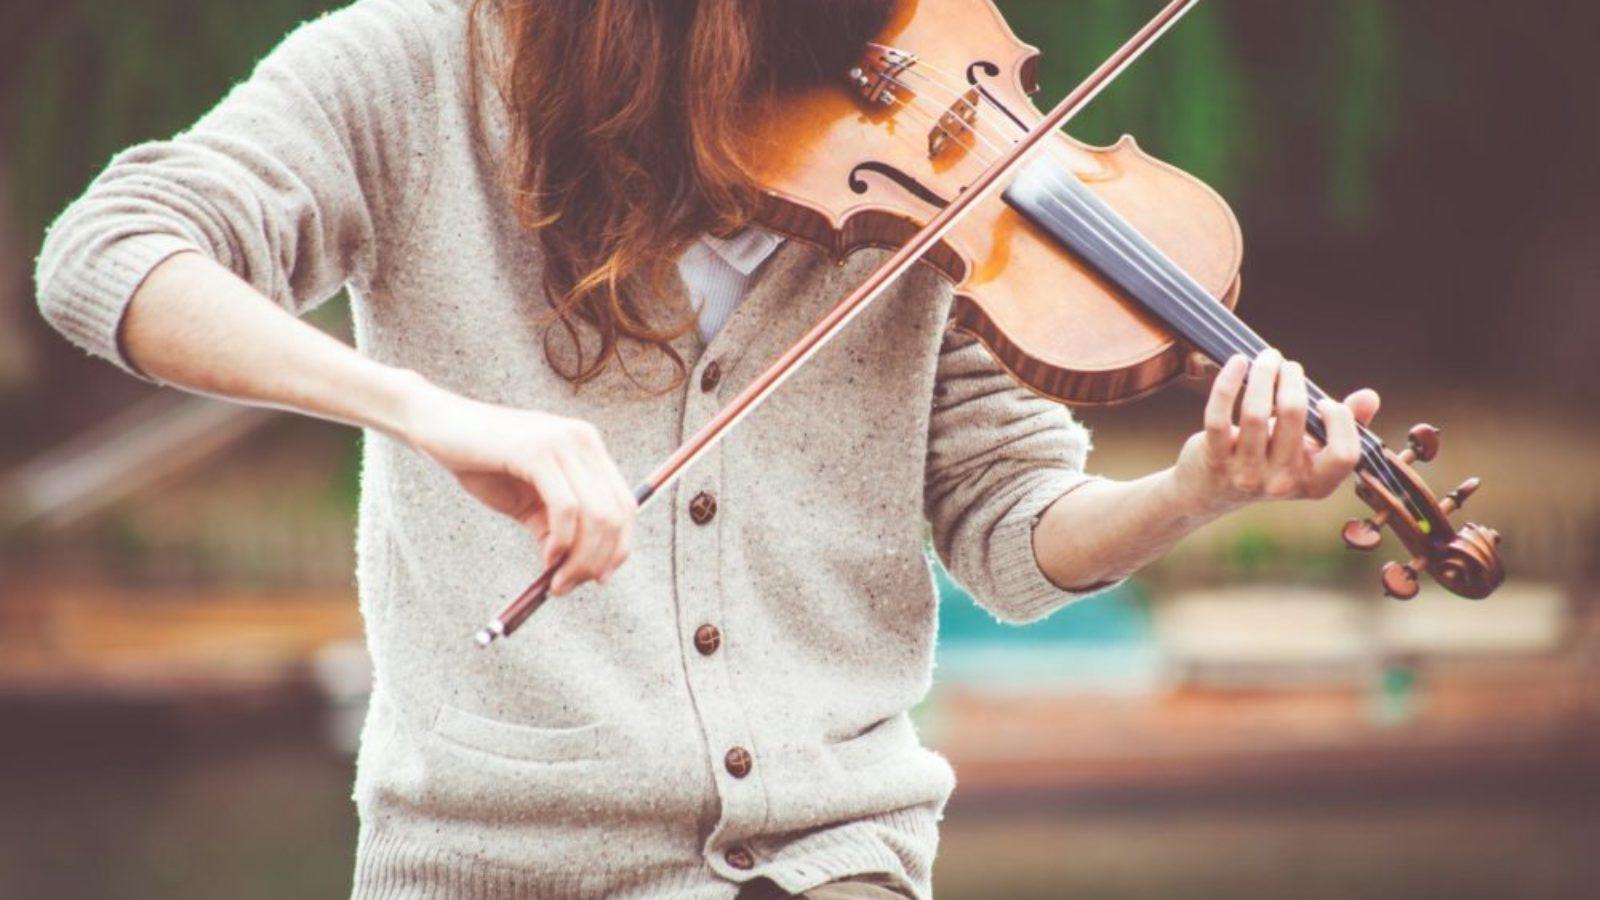 【10選】東京のヴァイオリン販売専門店をまとめたよ!修理・調整や消耗品の購入におすすめ♪